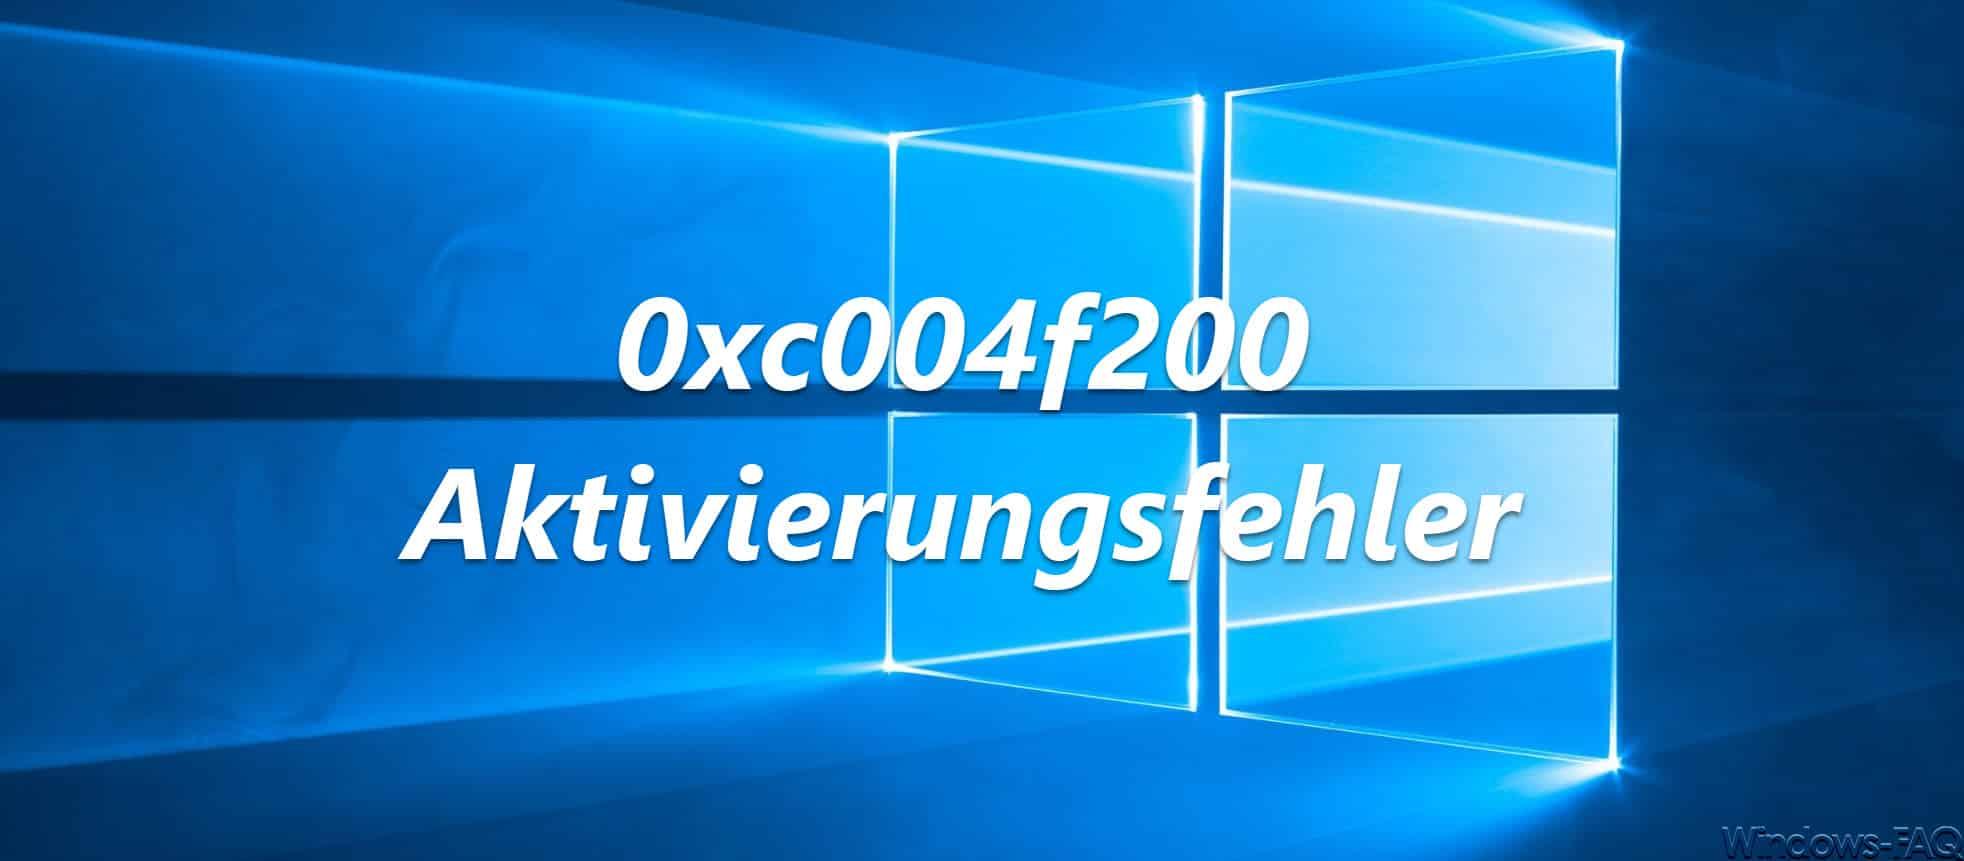 0xc004f200 Aktivierungsfehler